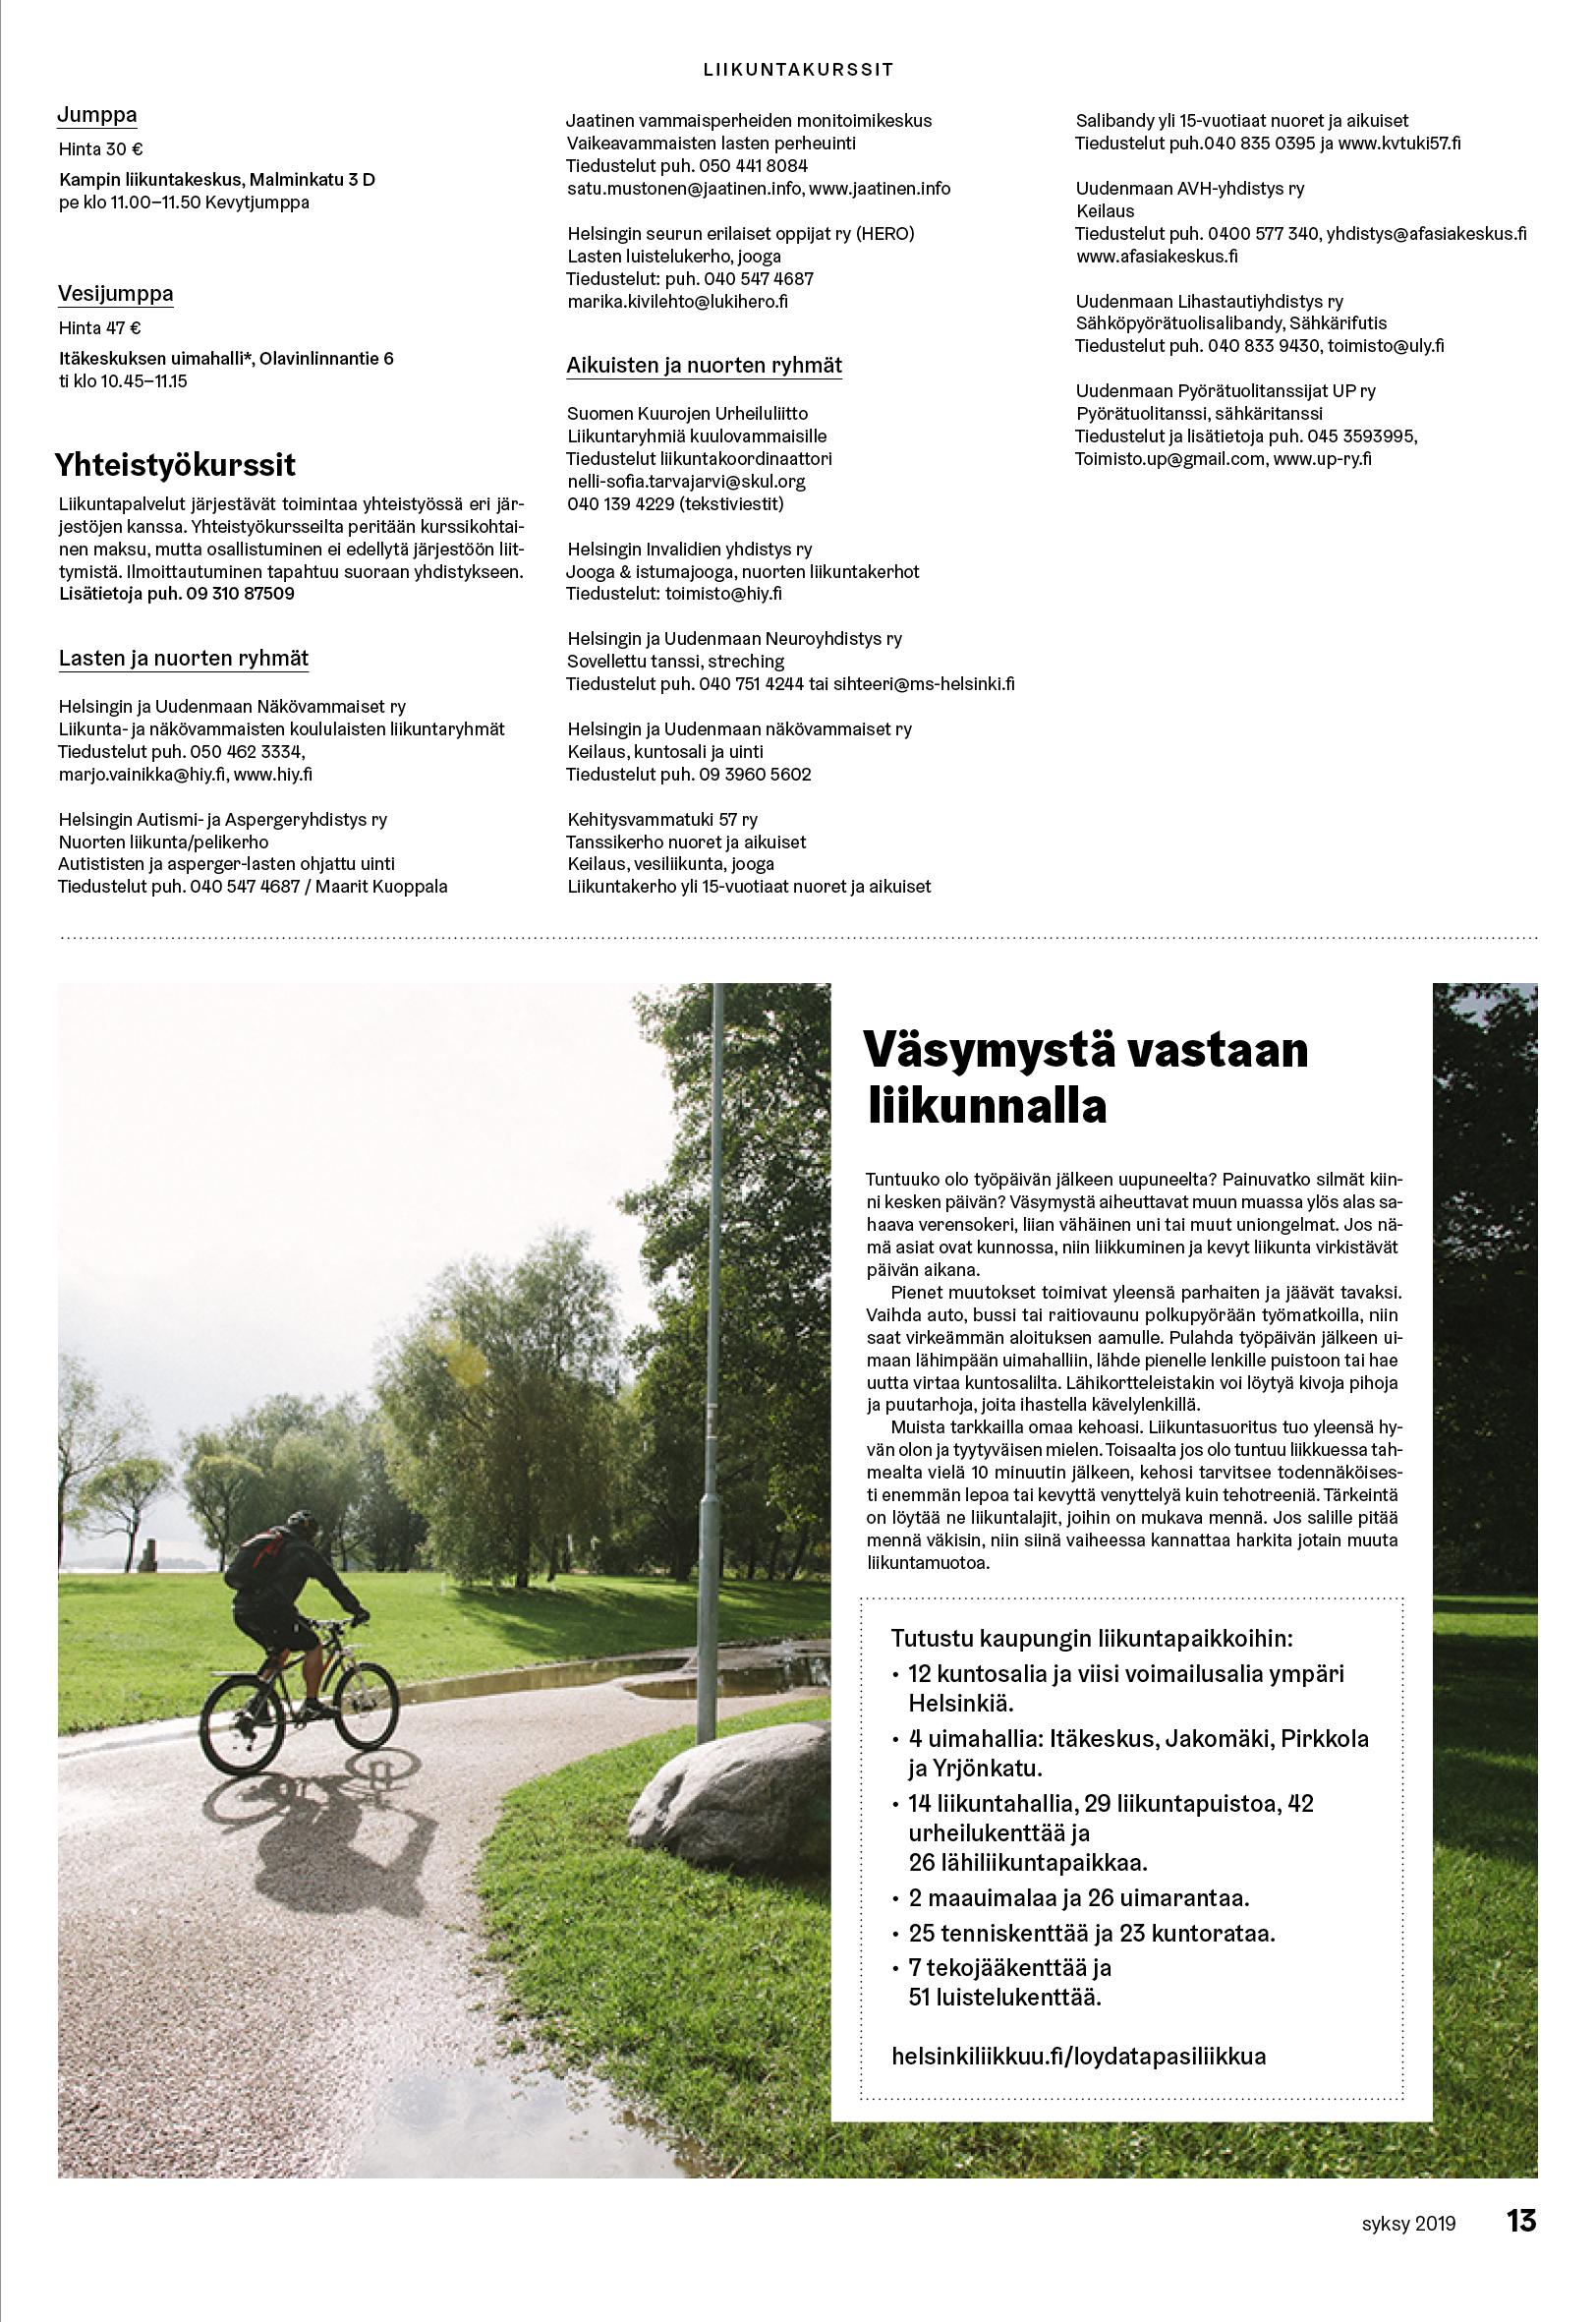 Helsingin_Uutiset_liikuntapalveluiden_syysesite_2019_netti13